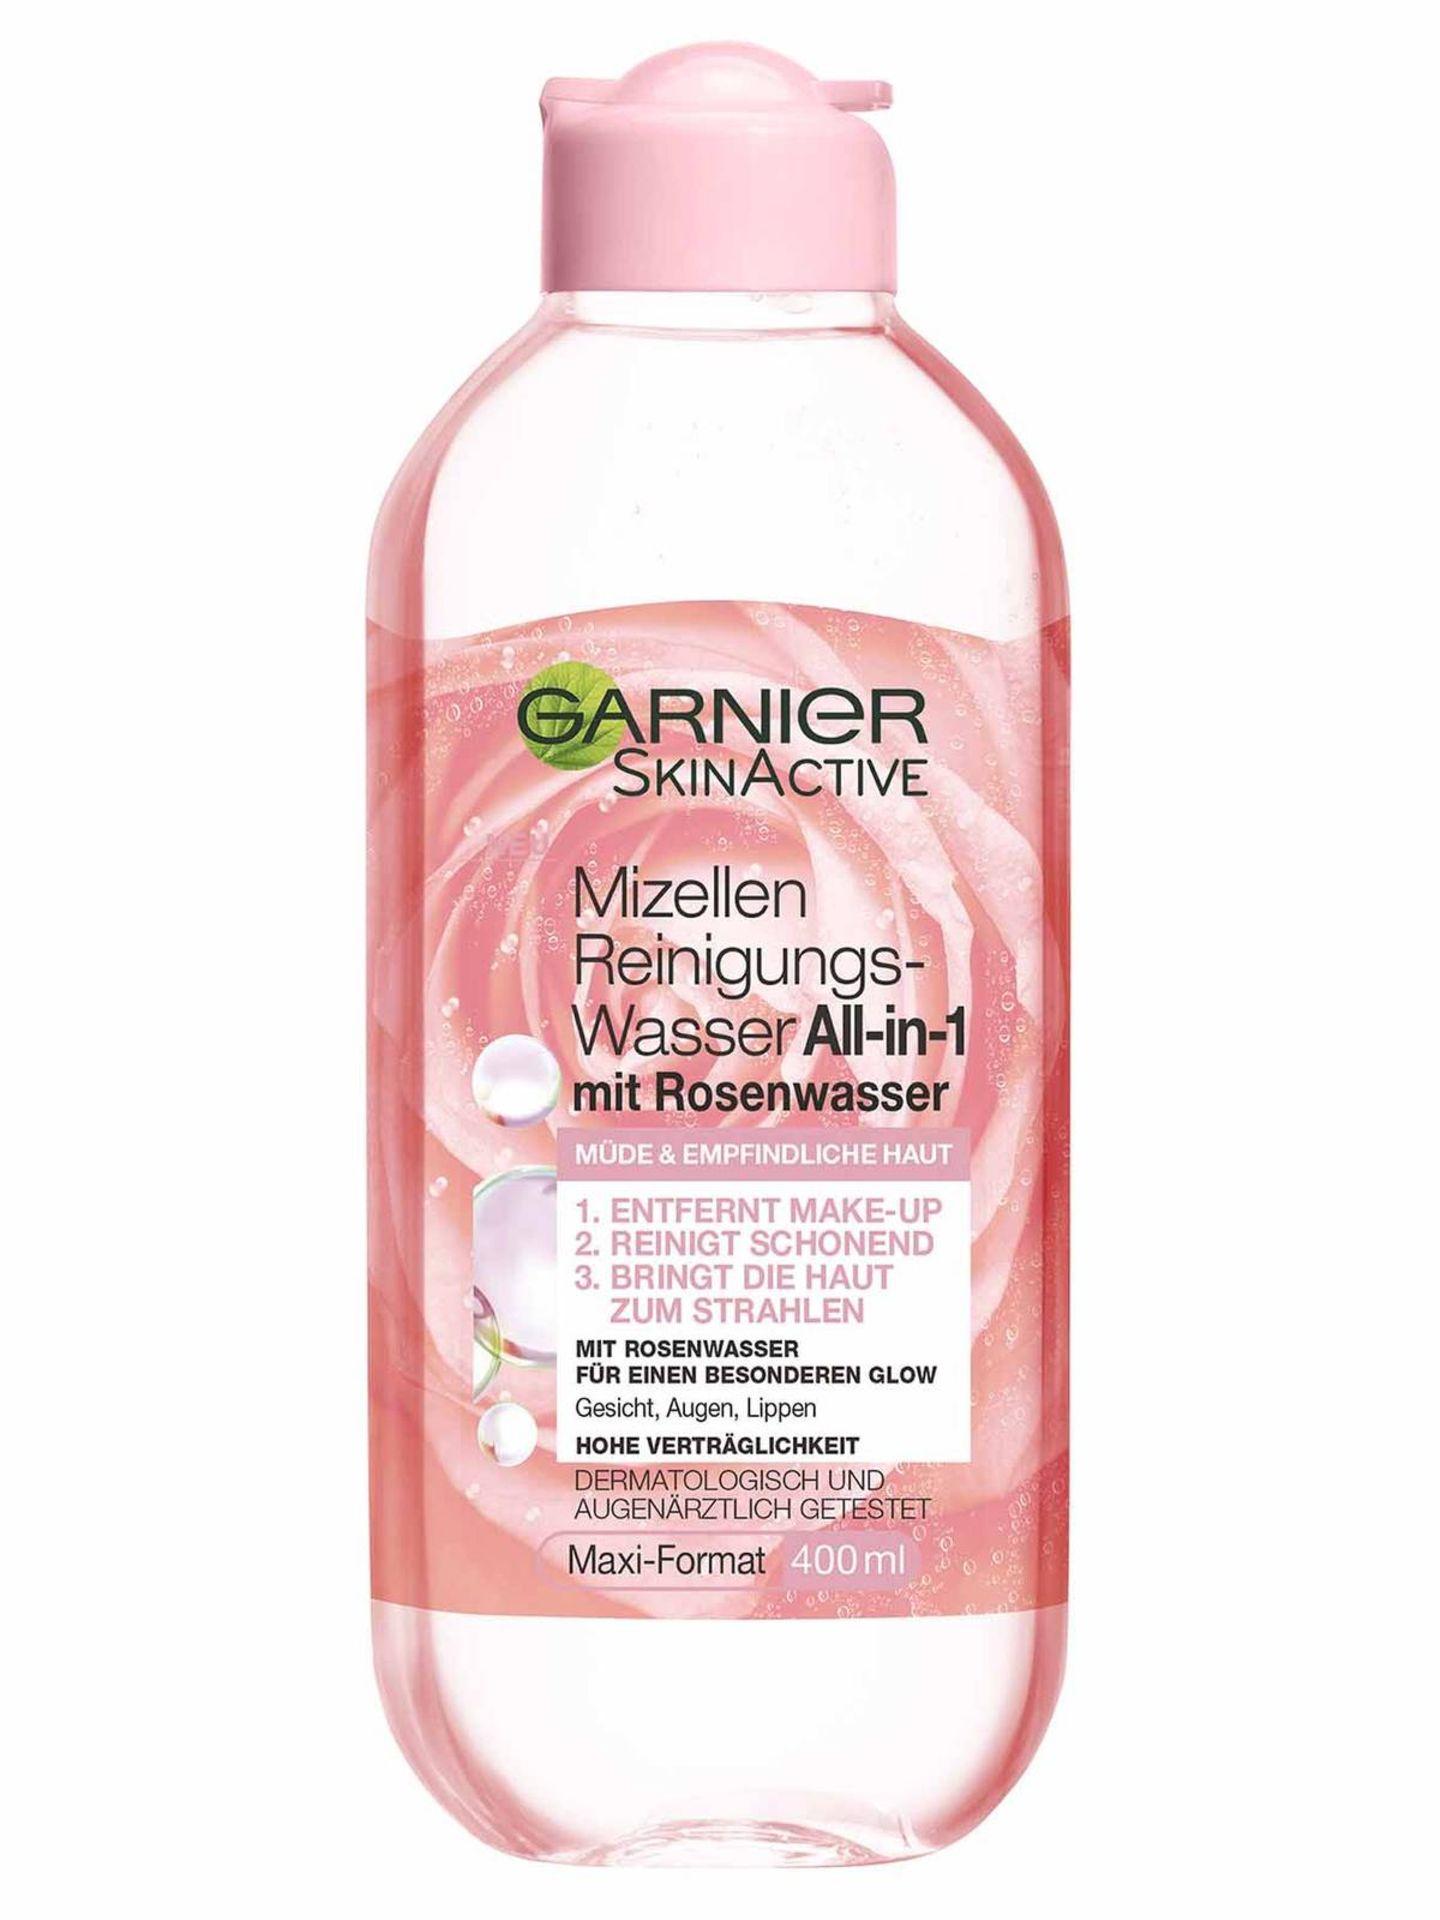 Nur das Beste für deine Haut: Schonendes Reinigungswasser mit Mizellen-Technologie und Rosenwasser. Löst Make-up schnell und versorgt die Haut mit Feuchtigkeit– #skingoals! Von Garnier, um 4 Euro.